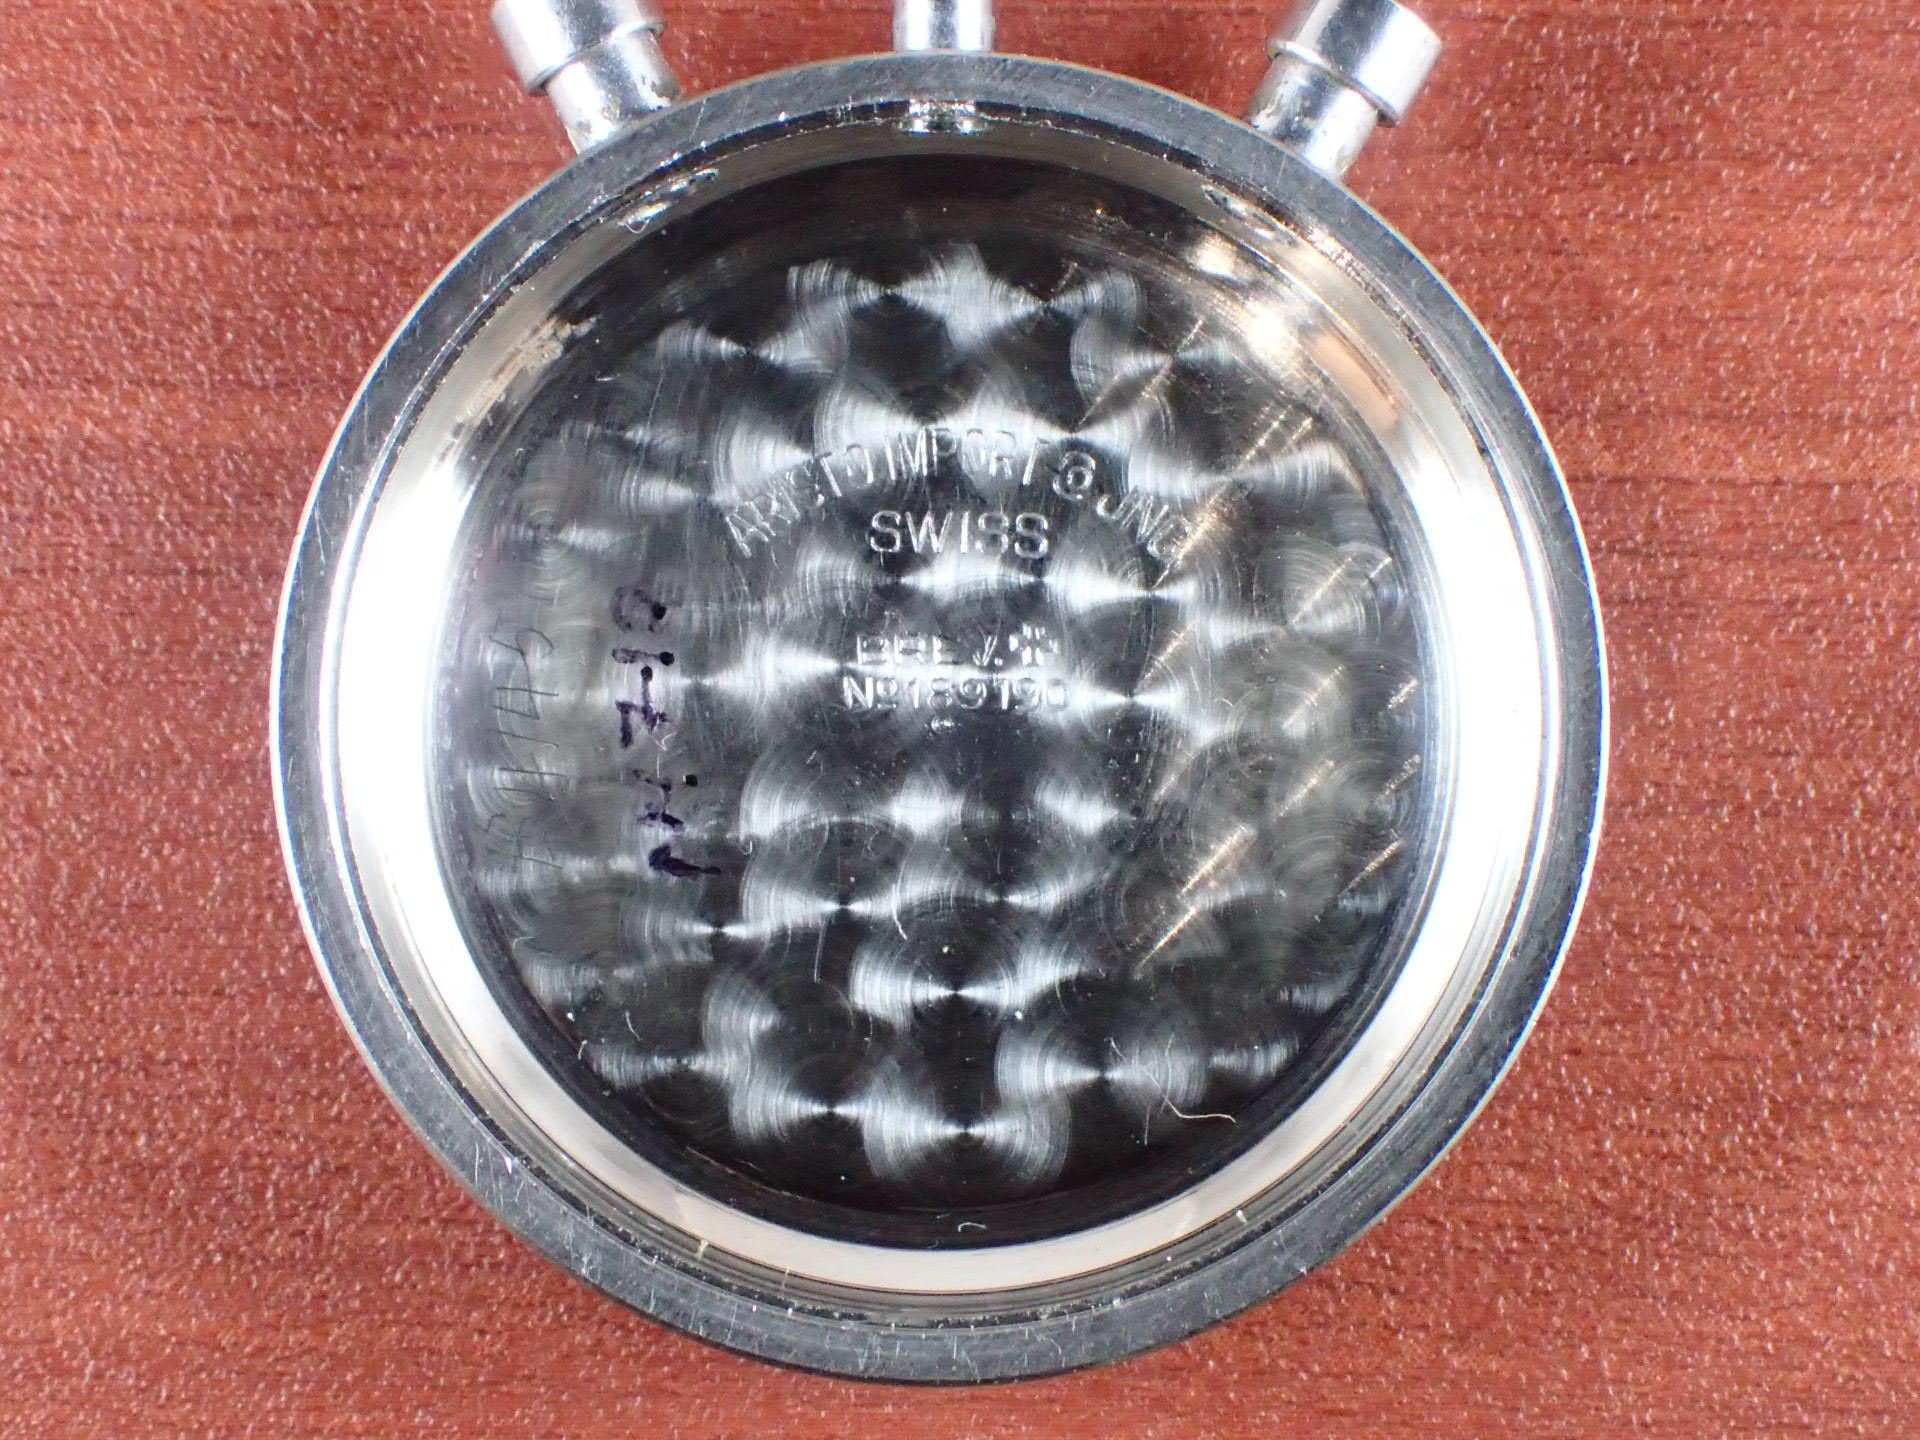 アリスト クロノグラフ バルジュー23 クラムシェルケース 1940年代の写真6枚目